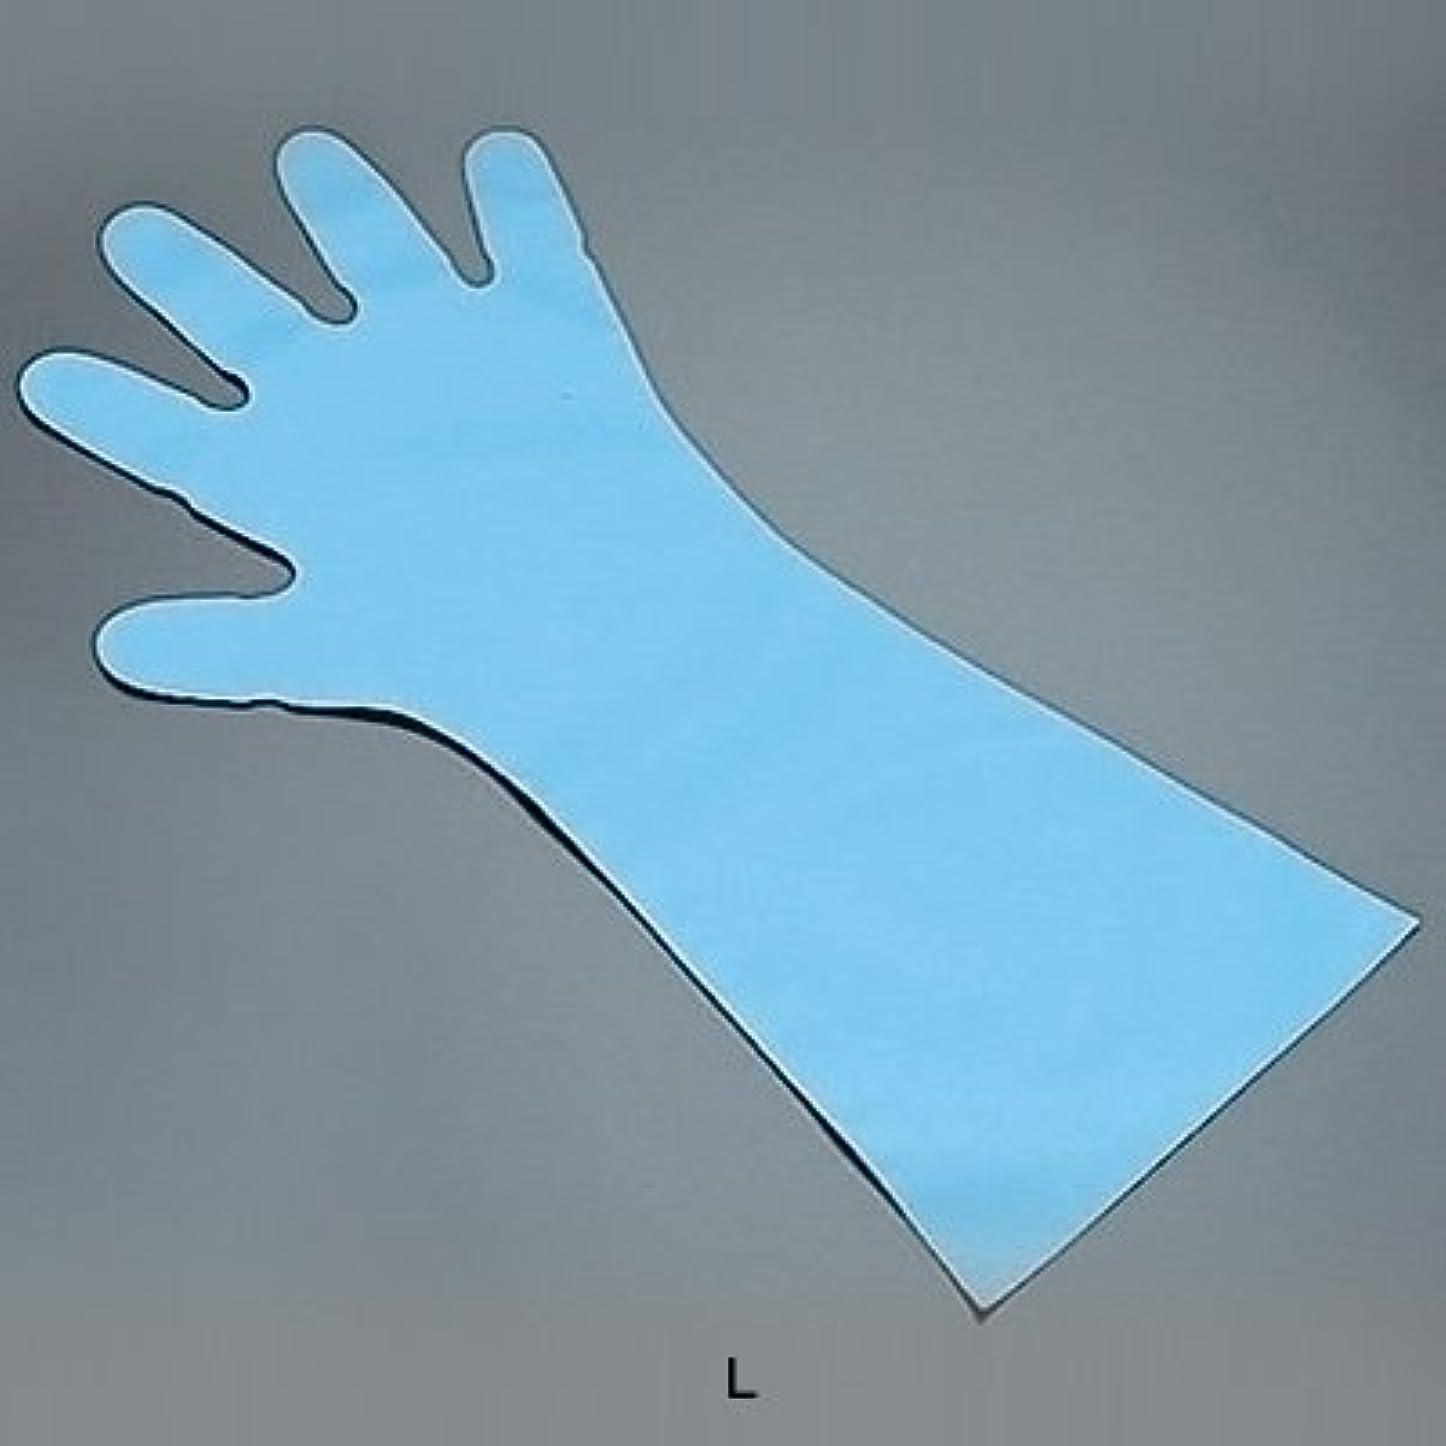 噂置き場抹消エンボス手袋 五本絞り ロング#50 (1袋50枚入) L 全長45cm <ブルー>